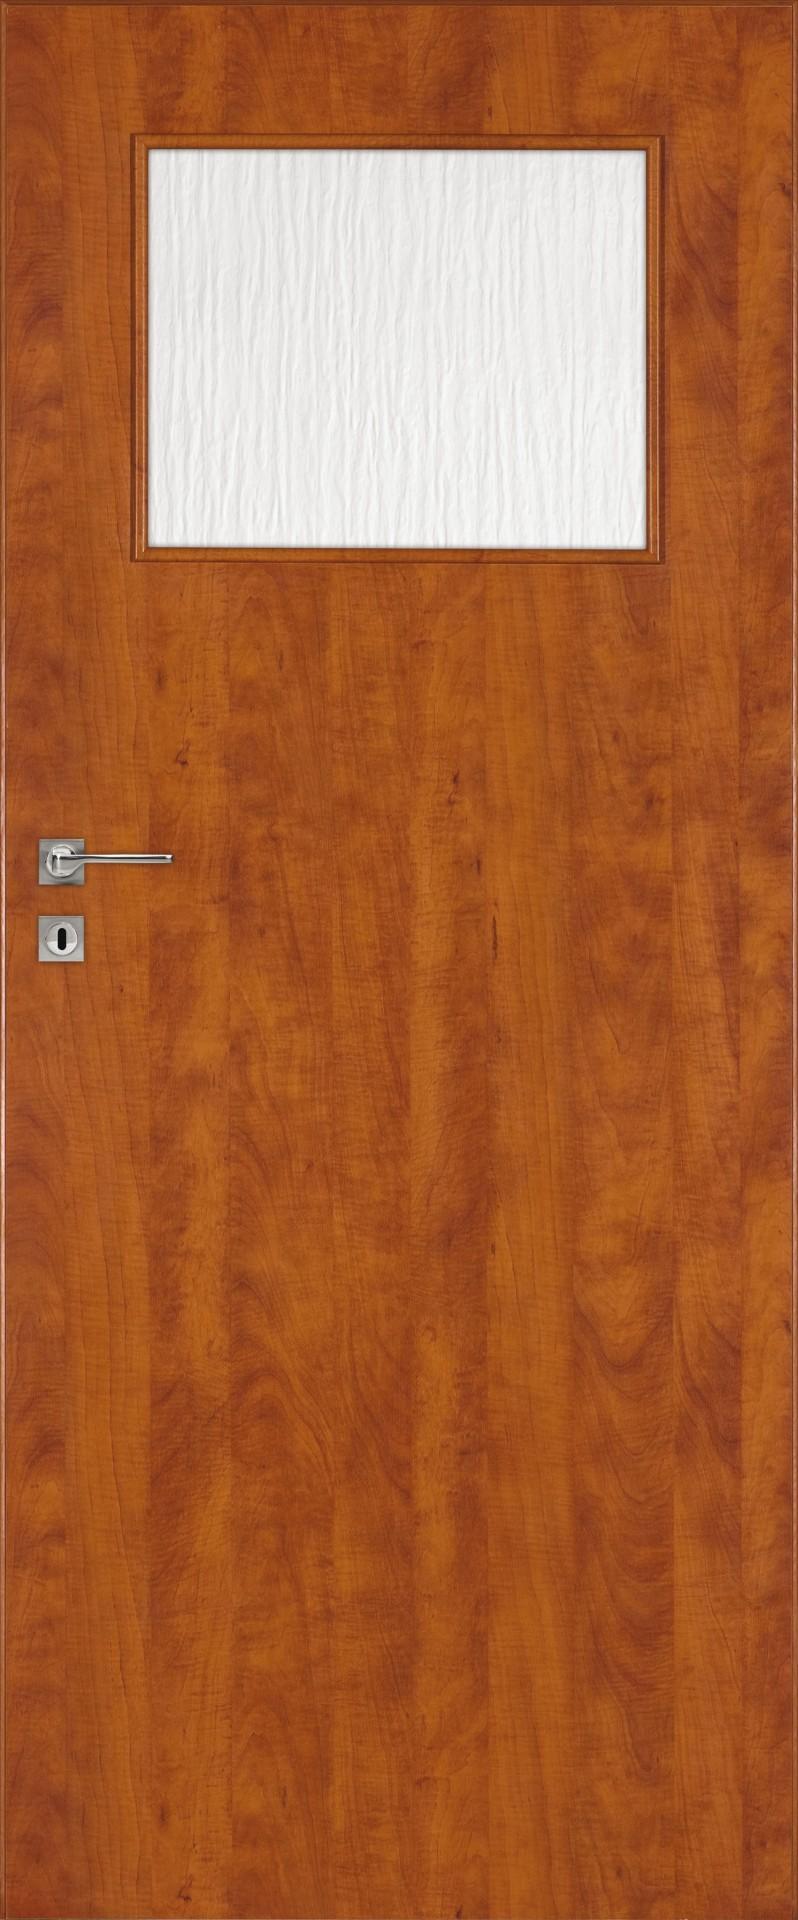 Dre dveře Standard 20, Šíře v cm 70